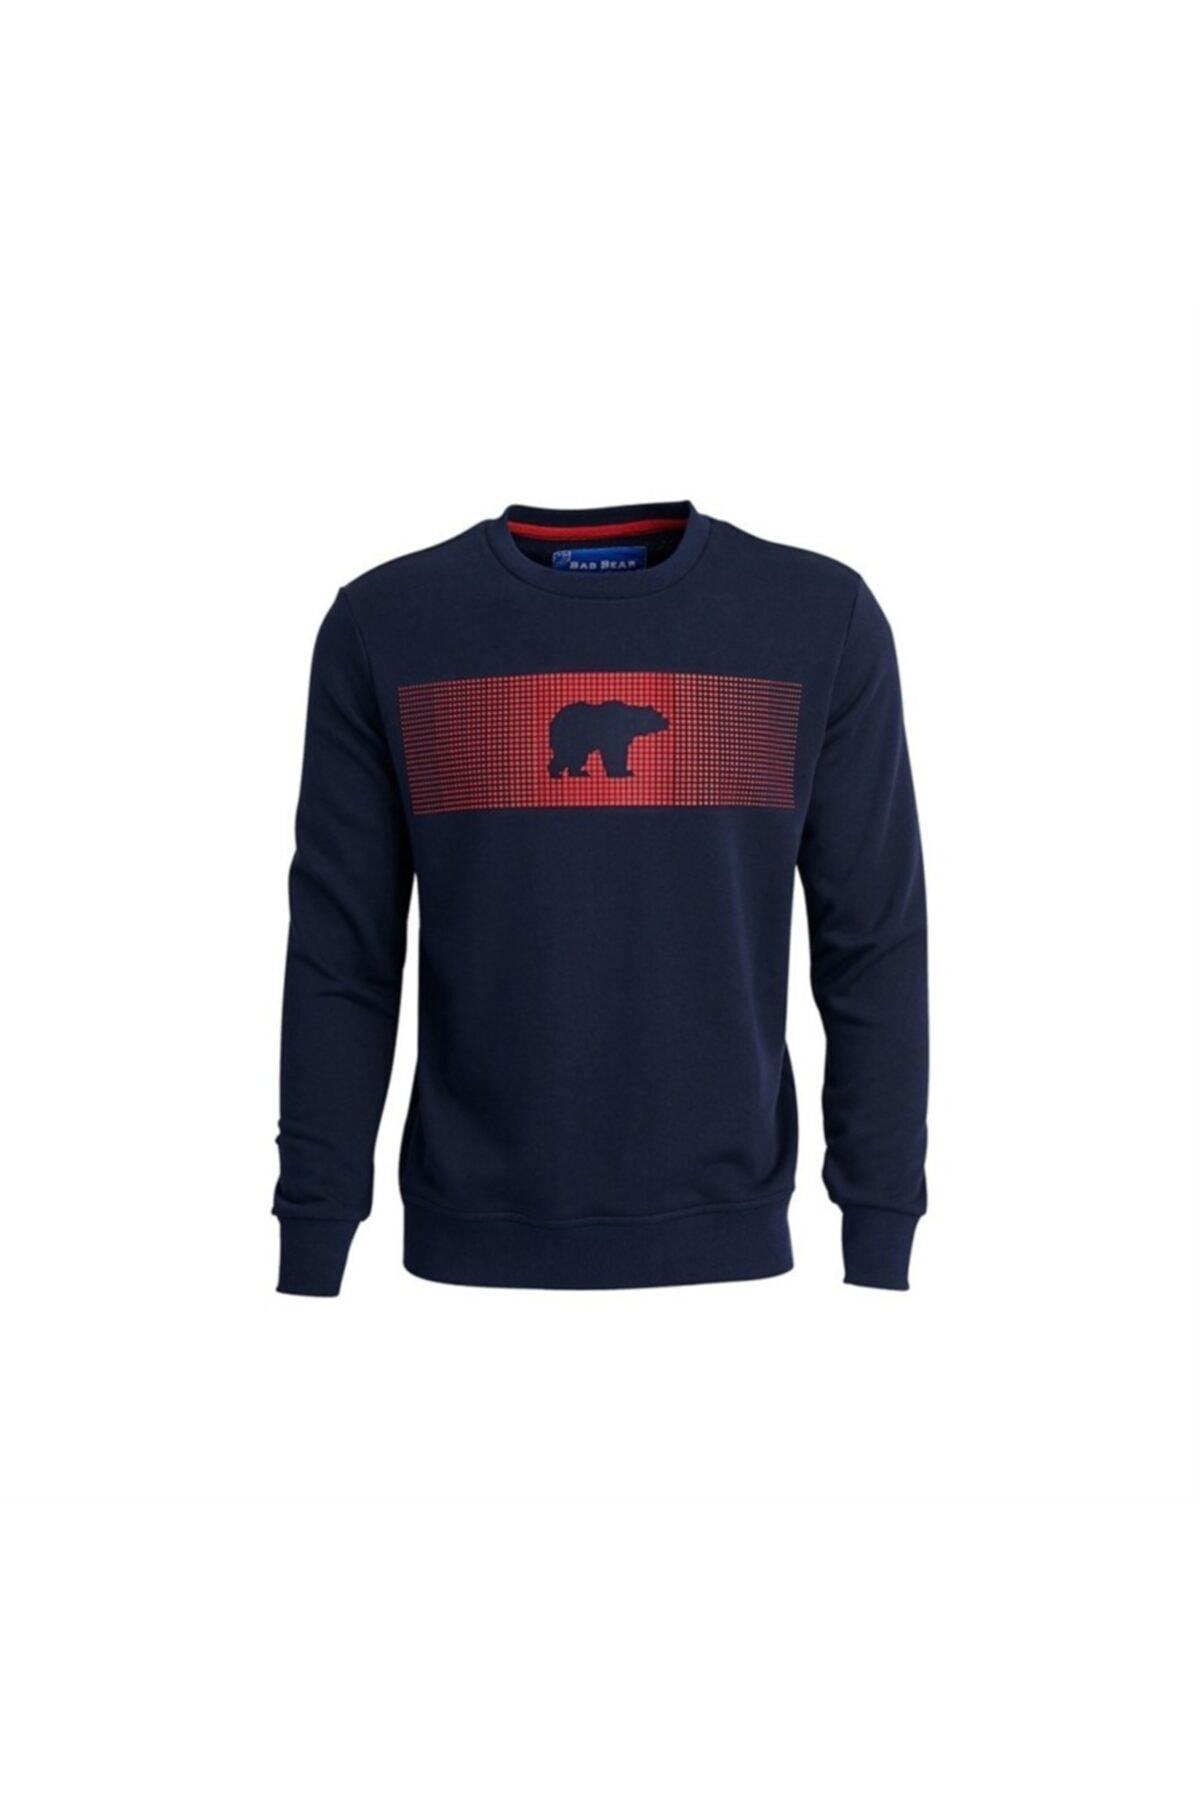 Bad Bear Erkek Lacivert Fancy Sweatshirt 1